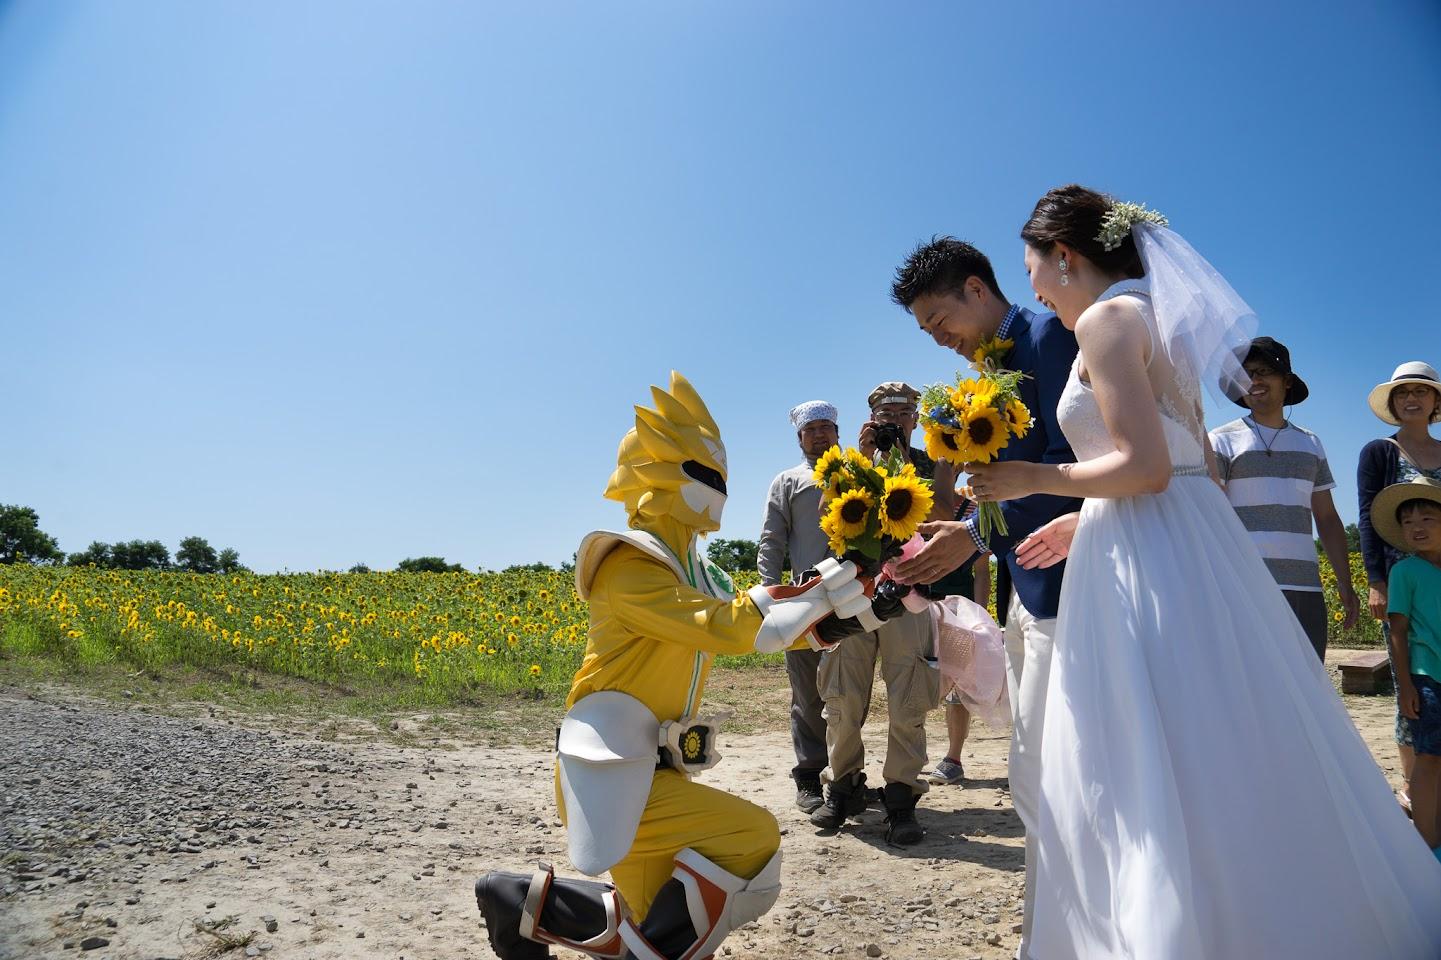 アグリファイターノースドラゴンから花束贈呈・ウエディングフォト